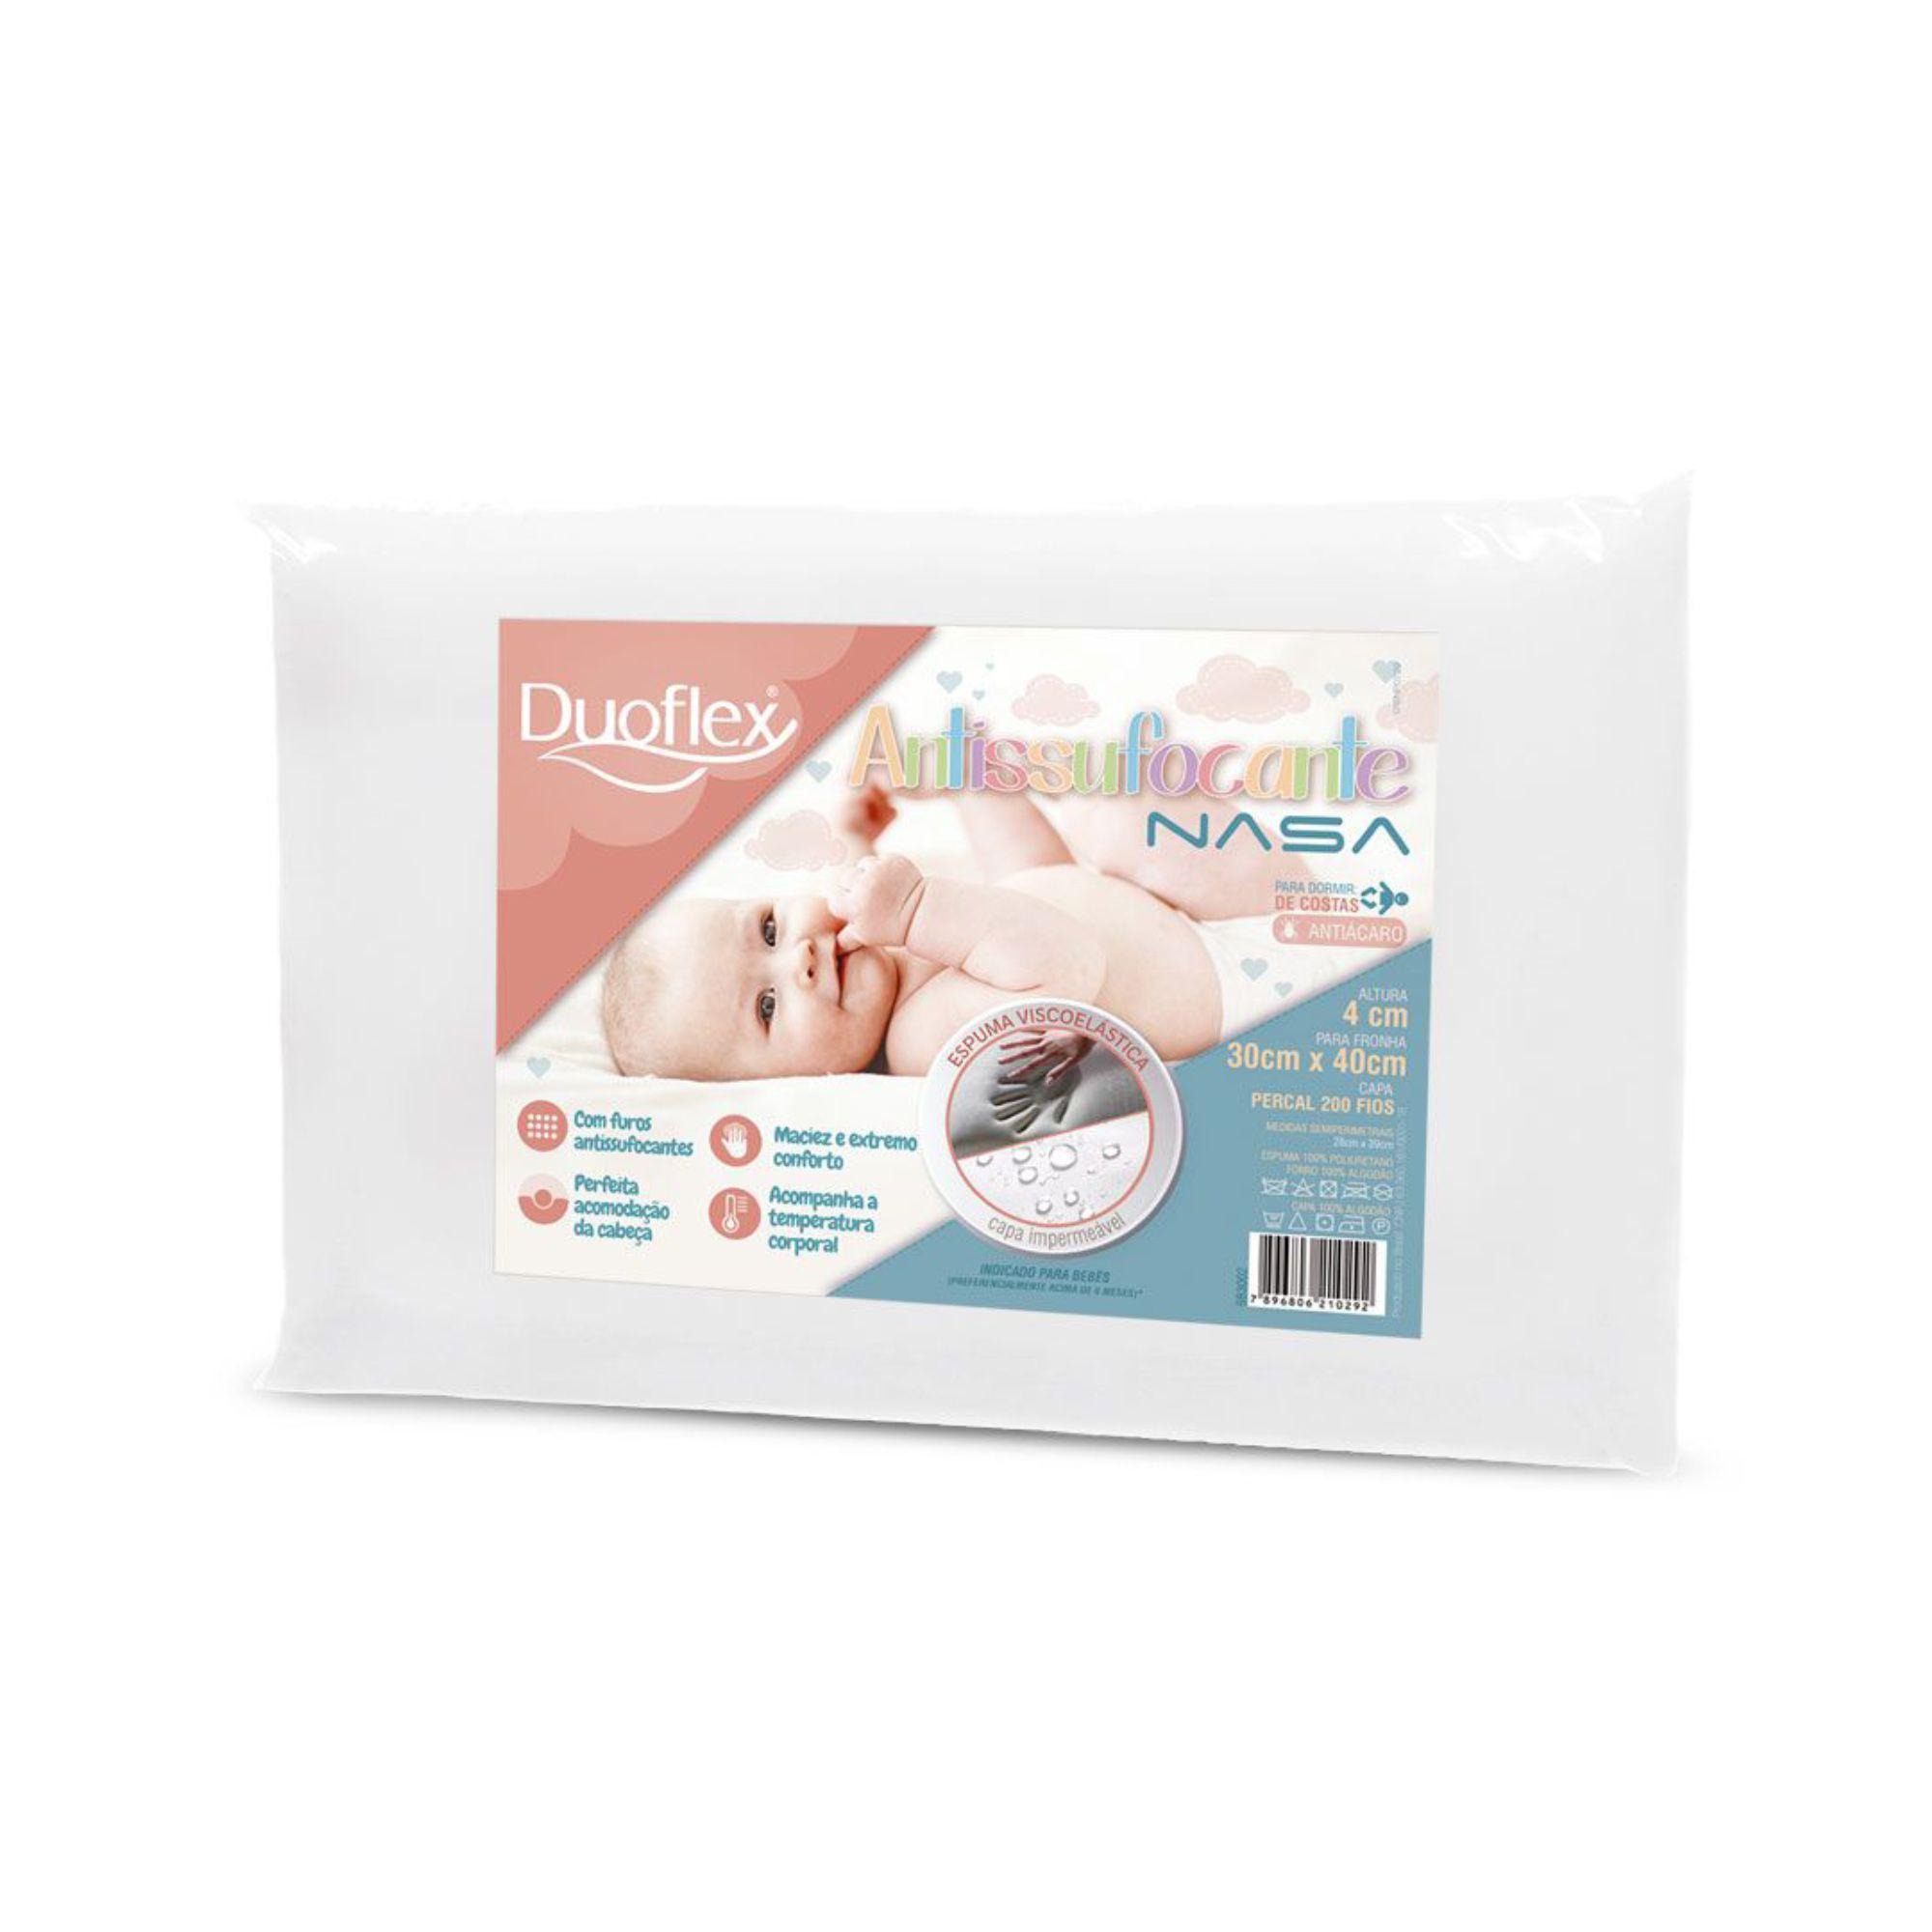 Travesseiro Duoflex Antissufocante Baby Nasa para Bebês de até 1 ano, com Capa Impermeável, 030 x 040 x 004 cm